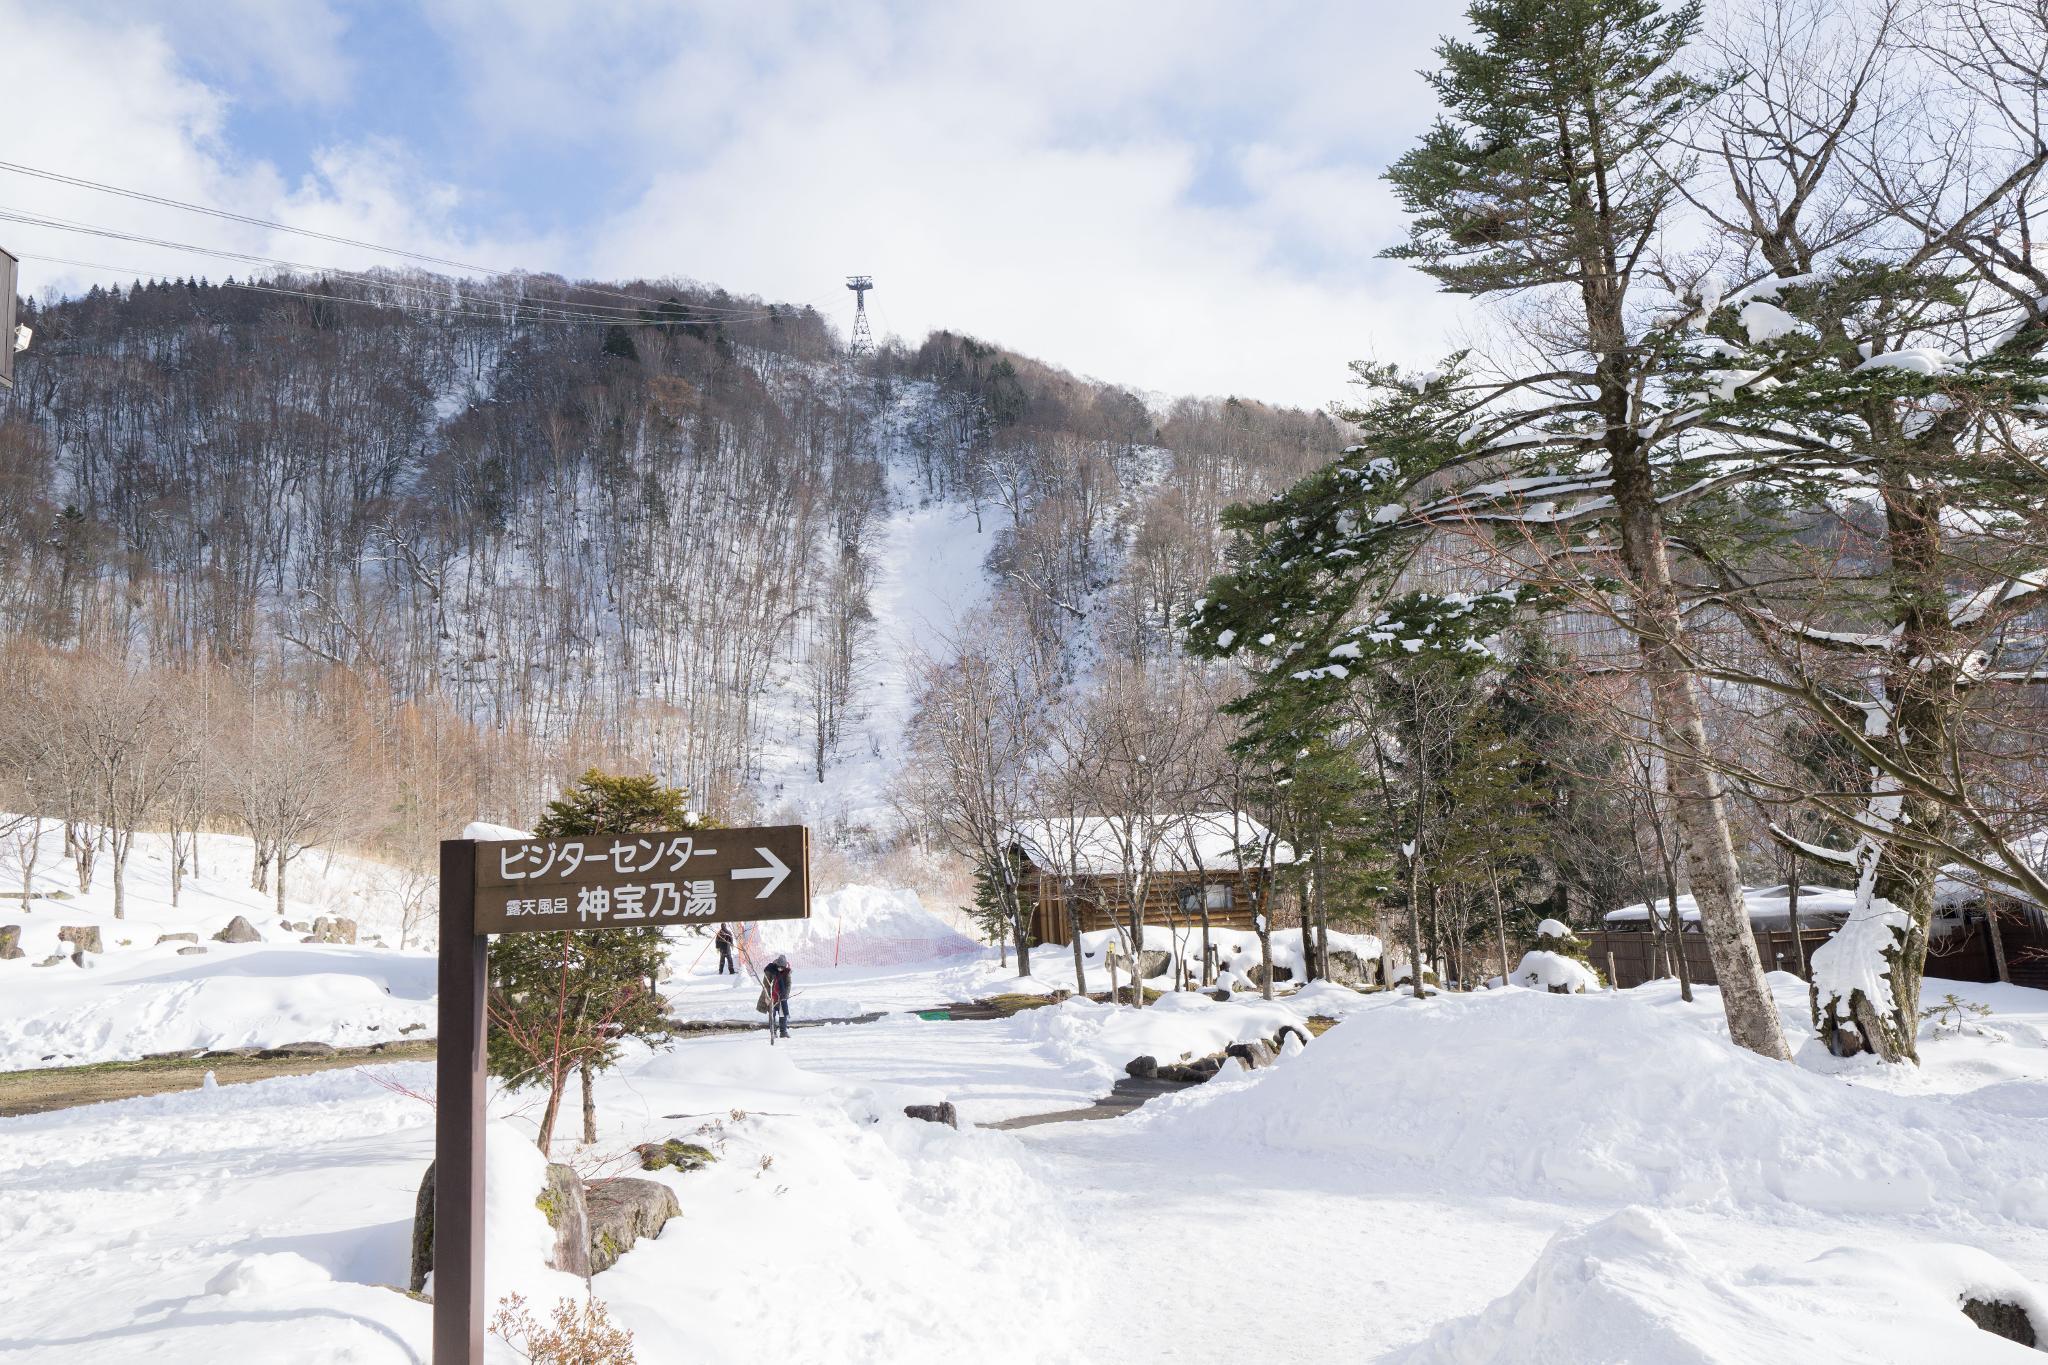 【岐阜】超級推薦!奧飛驒溫泉鄉的冬季戀歌 ~ 新穗高纜車雪景攻略 123